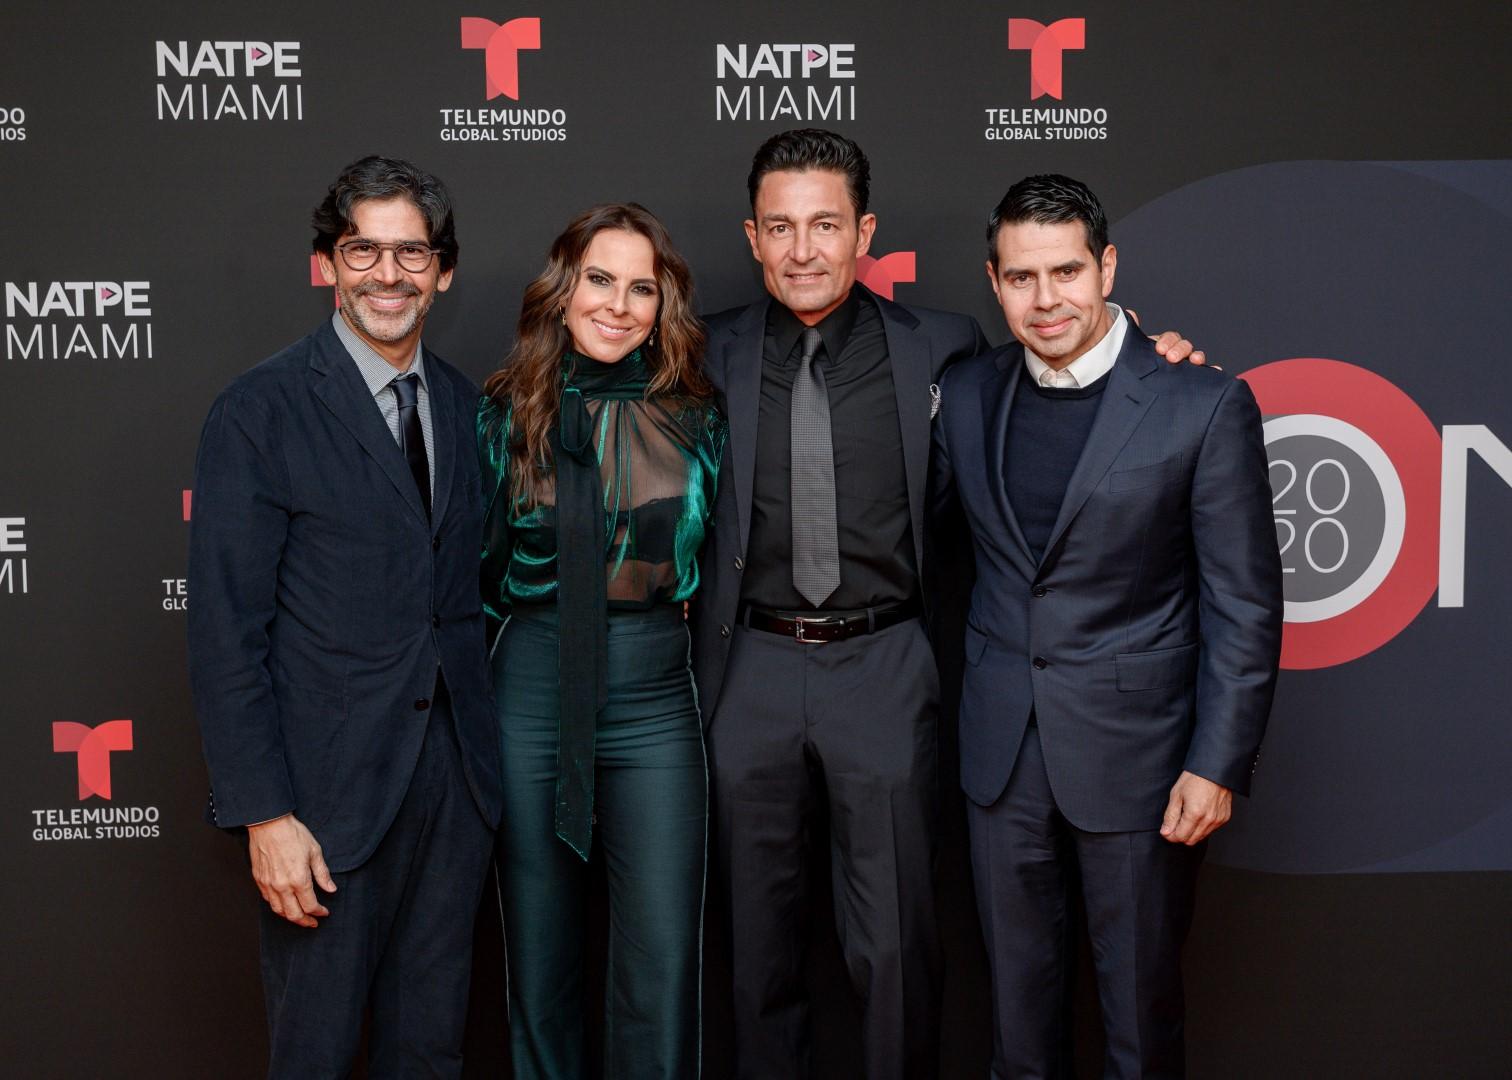 Telemundo presenta sus próximos estrenos para 2020 (Fotos) - Más Telenovelas